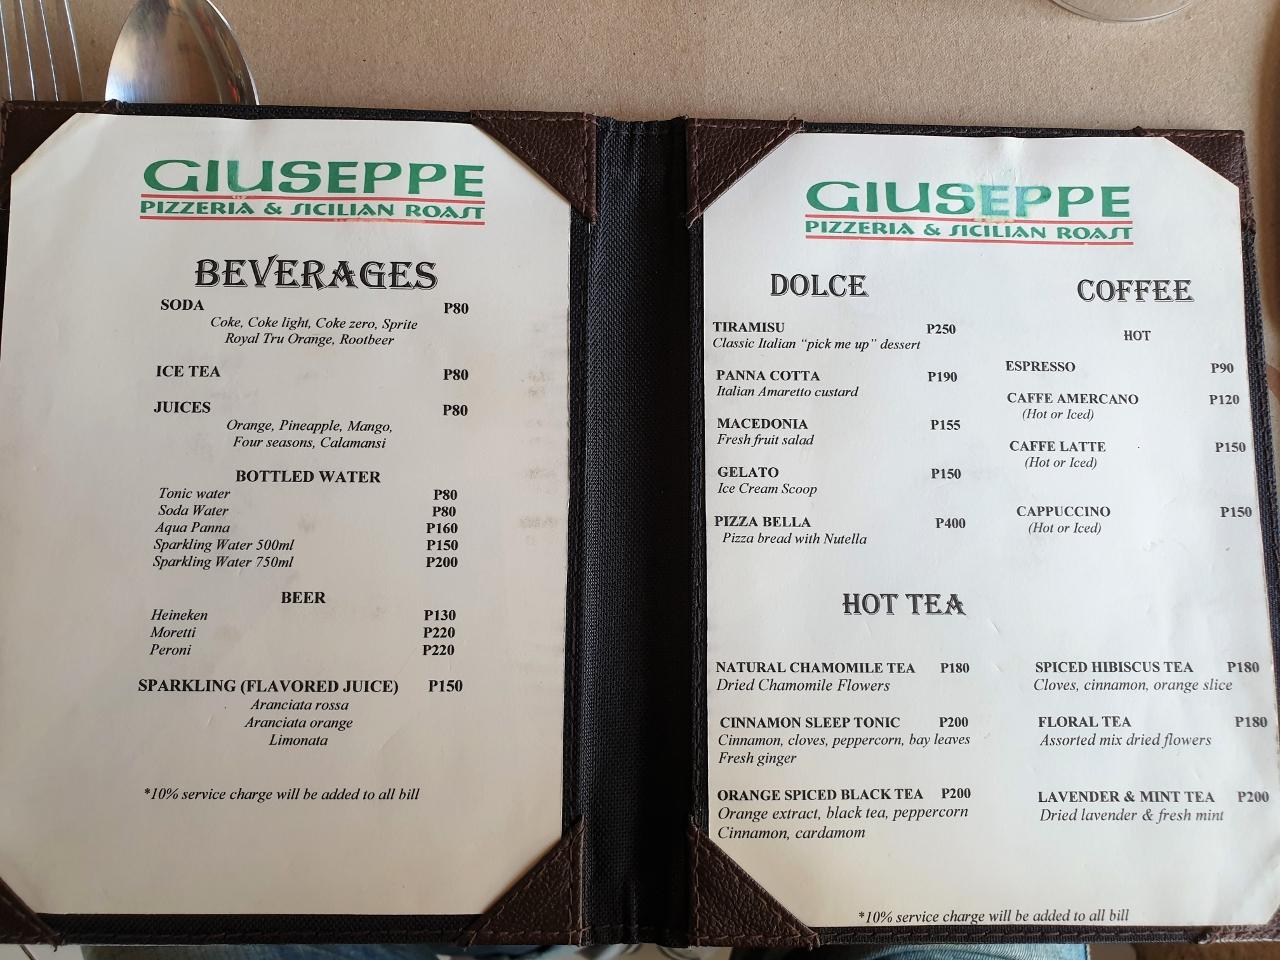 ジュセフィ(GIUSEPPE - Pizzeria & Sicilian Roast)マクタン島店 メニュー